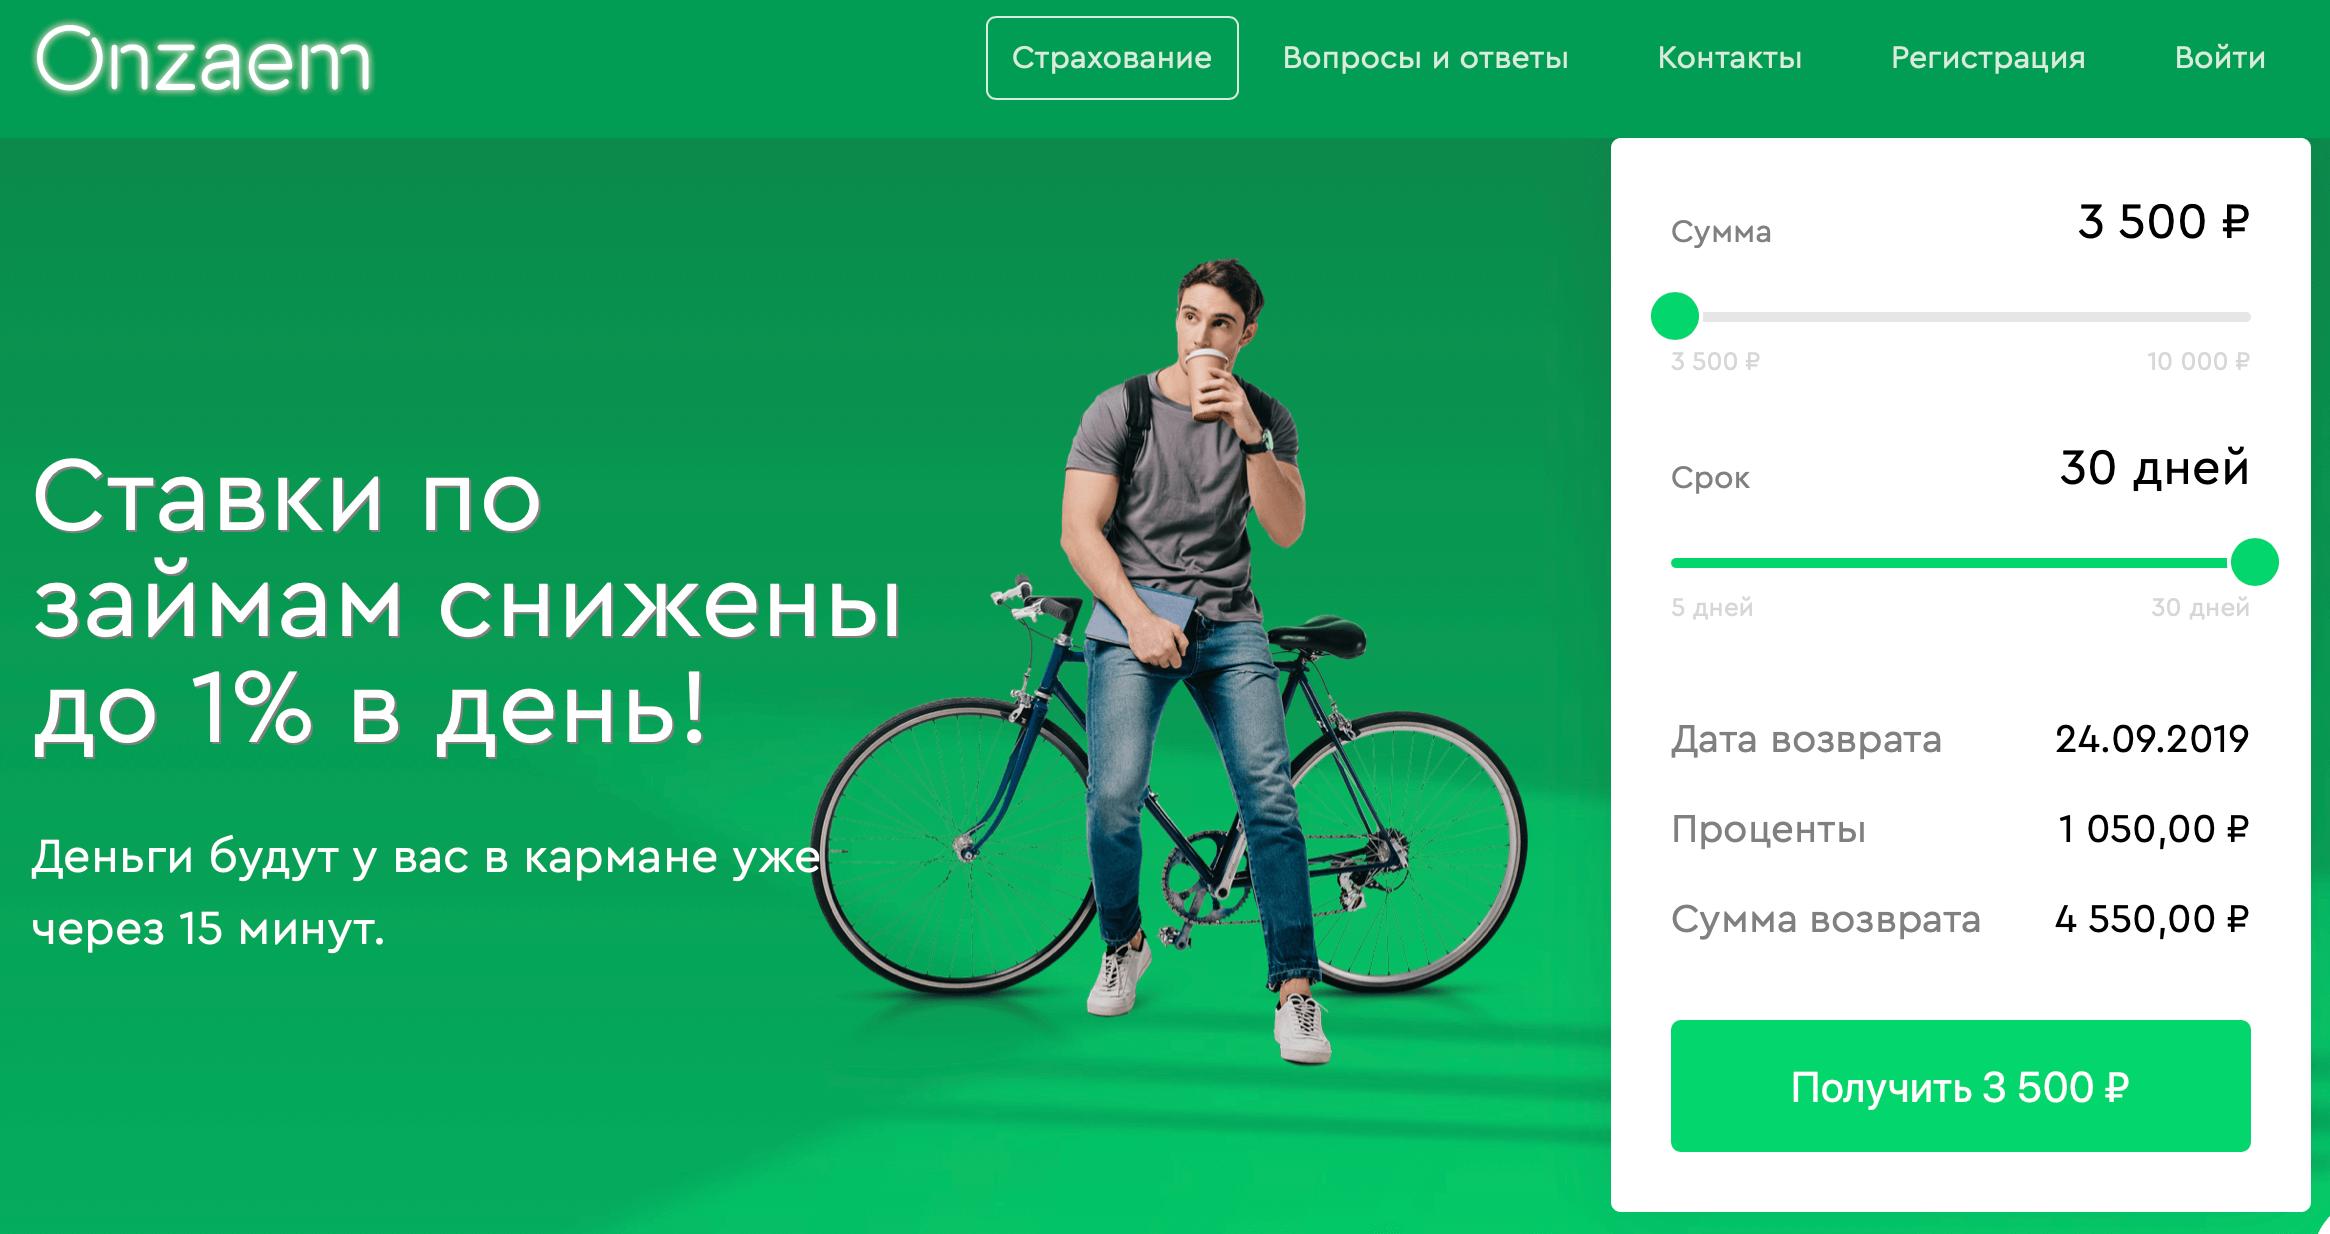 onzaem-onlajn-zajm_1